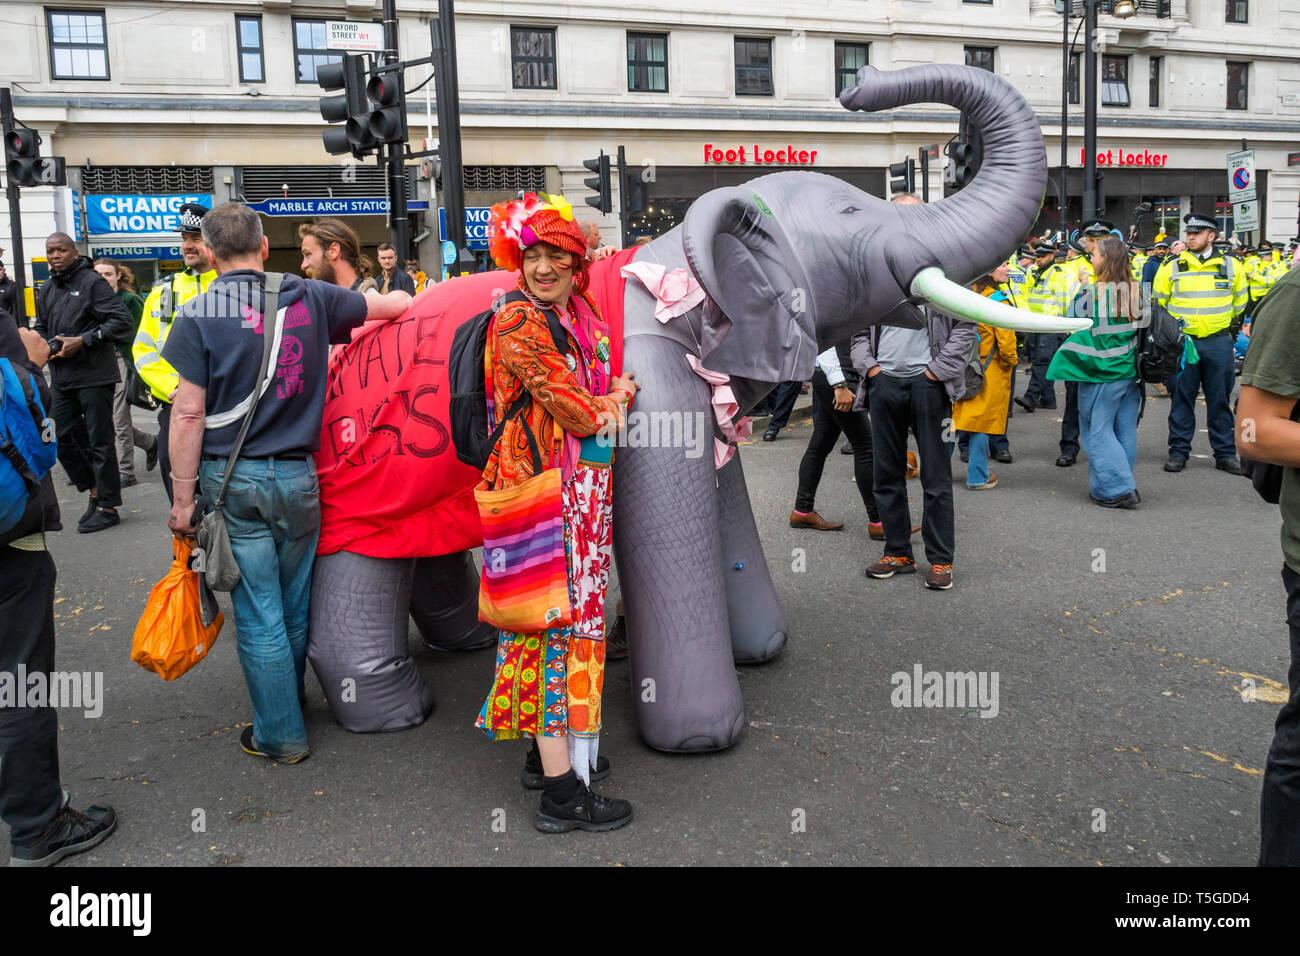 London, Großbritannien. 24. April 2019. Die Leute halten einen aufblasbaren Elefanten bei Marble Arch. Die Polizei wurde entfernen Menschen blockieren Oxford St, die letzte Straße Block um Marble Arch an diesem Nachmittag. Einige Leute wurden auf und werden sorgfältig heraus, die von den Offizieren cut gesperrt, während andere saß ruhig von der Polizei umstellt und wartete, während eine kleine Menge durch mehrere Linien der Polizei beobachtete, wie die Offiziere, die versucht, sie zu erhalten, zu verschieben, verhaftet zu werden. Bei Marble Arch der Protest mit Trommeln und Tanzen, kostenloses Essen und Hunderte von Zelten fortgesetzt. Peter Marshall / alamy Leben Nachrichten Stockbild